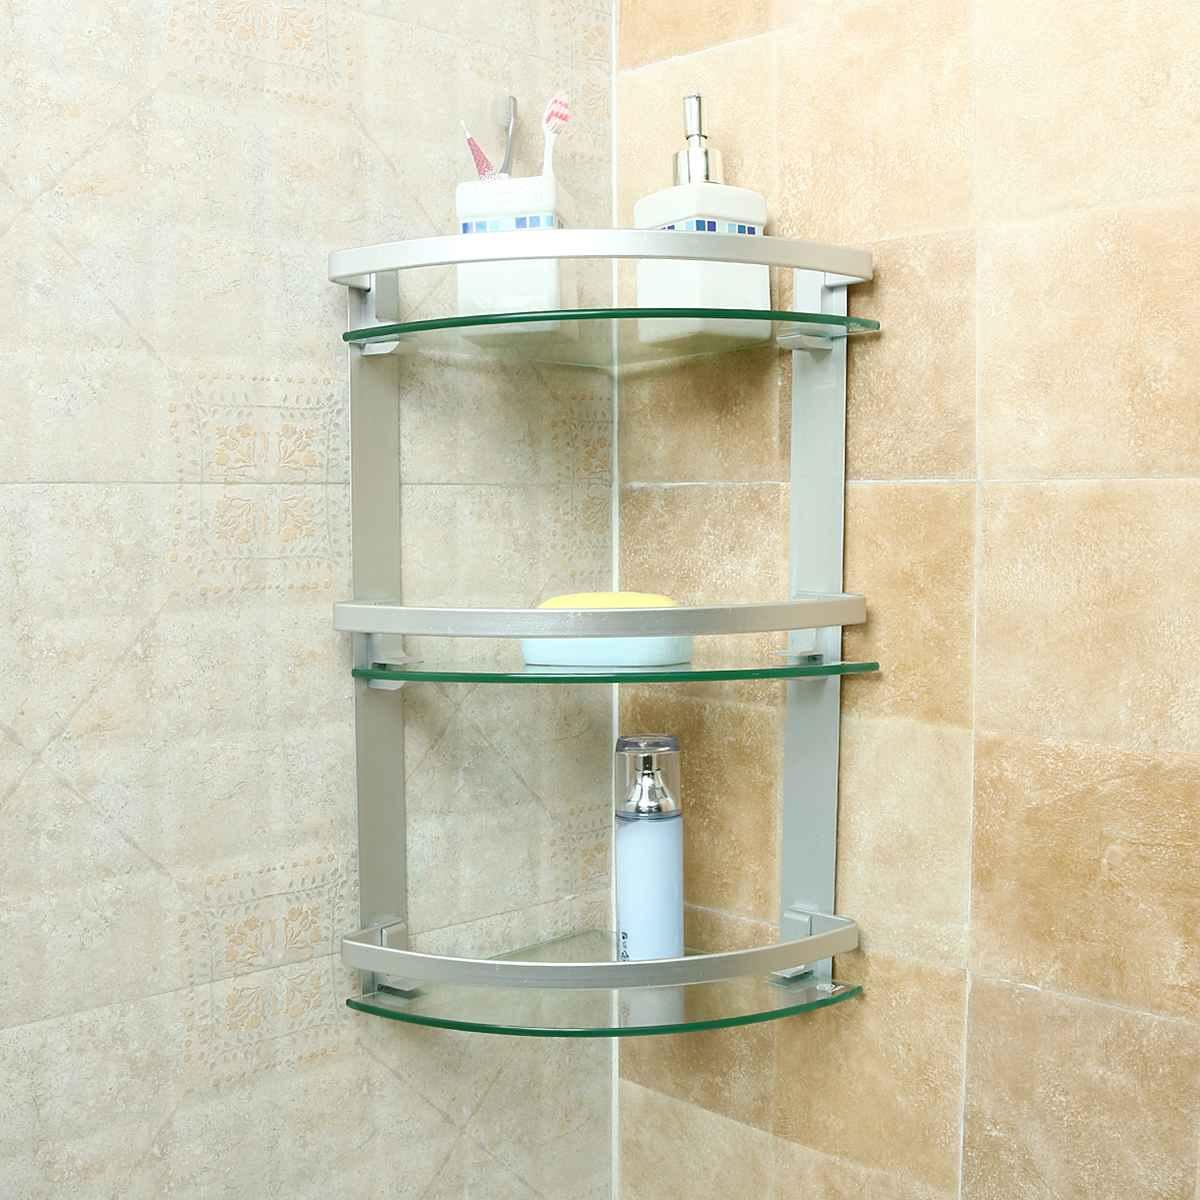 3 уровня для стекла, для ванной, для душа Caddy угловая полка органайзер стеллаж алюминиевый шампунь полка держатель